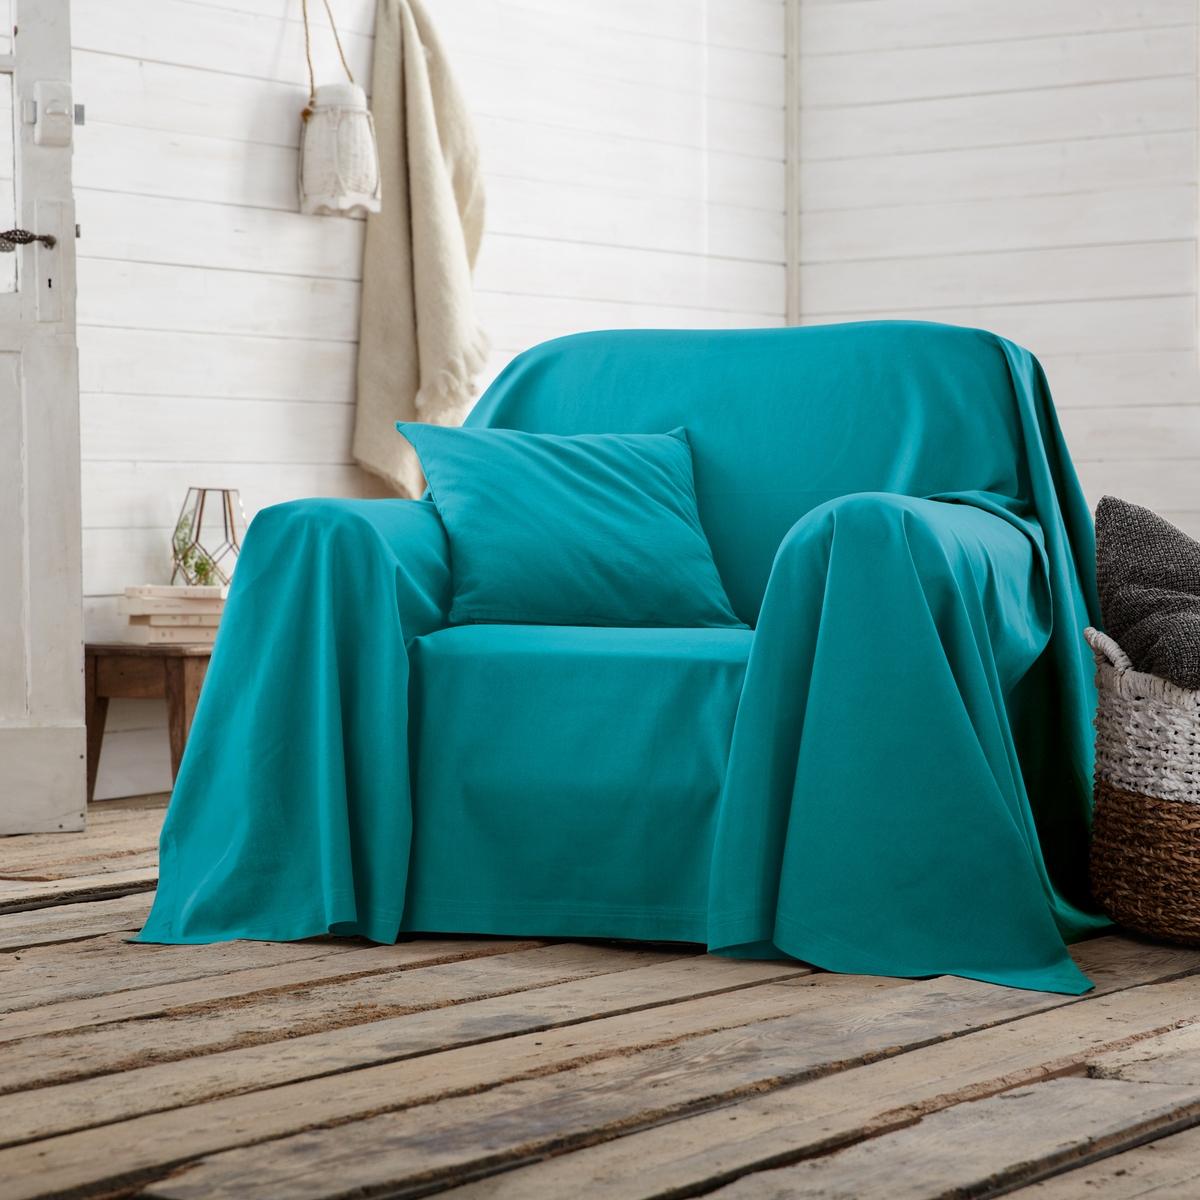 Покрывало для кресла или дивана однотонное покрывало для дивана new favorite royal